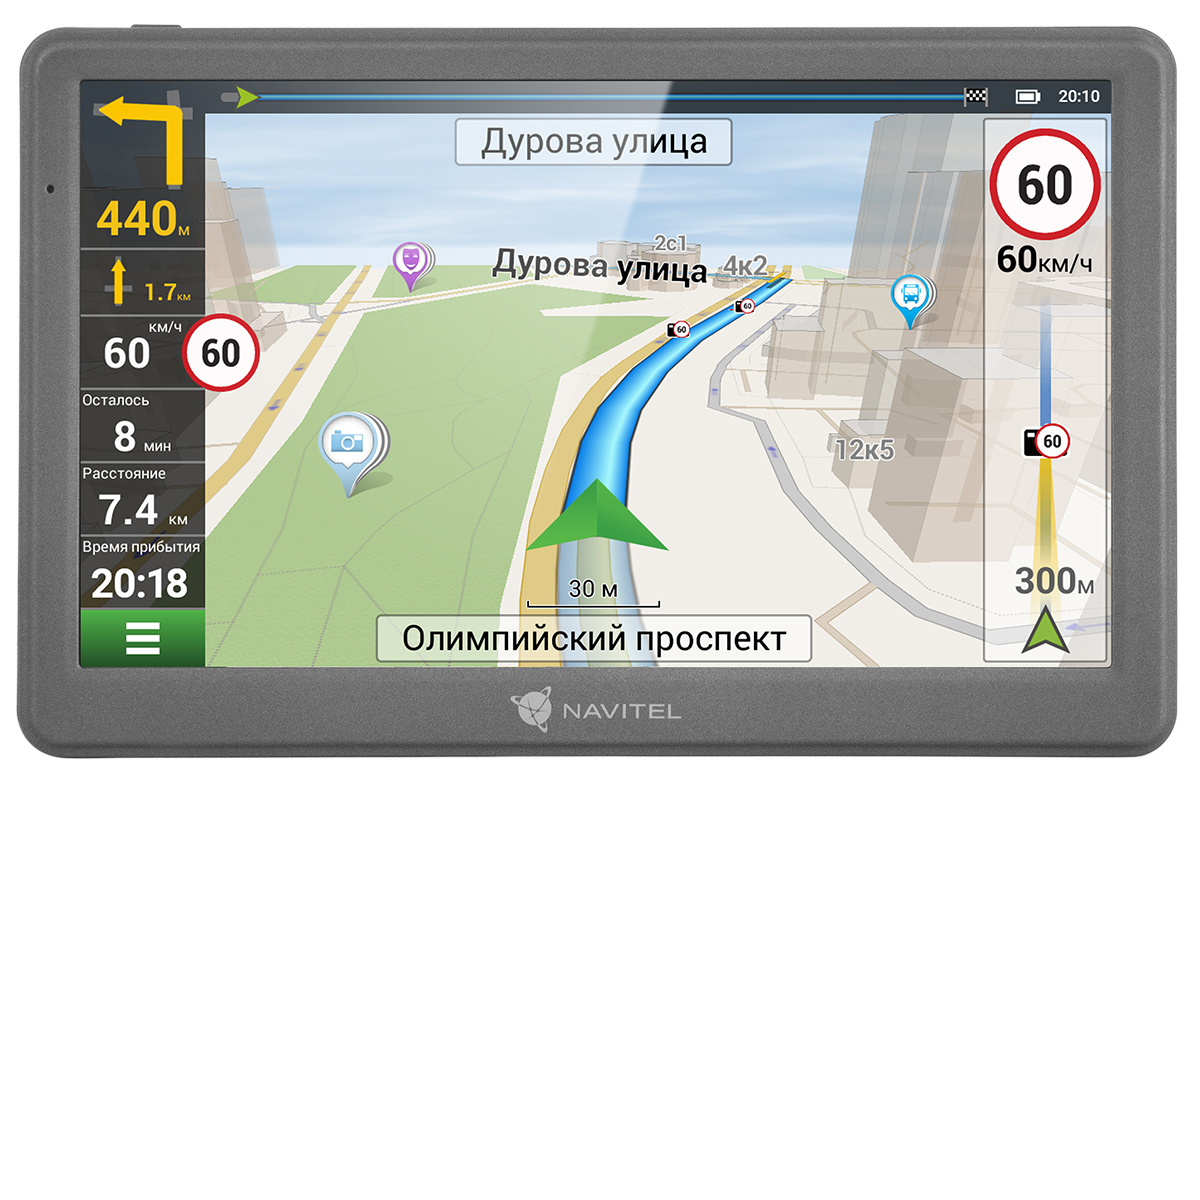 Спутниковый GPS навигатор Navitel E700 (+ Разветвитель в подарок!)